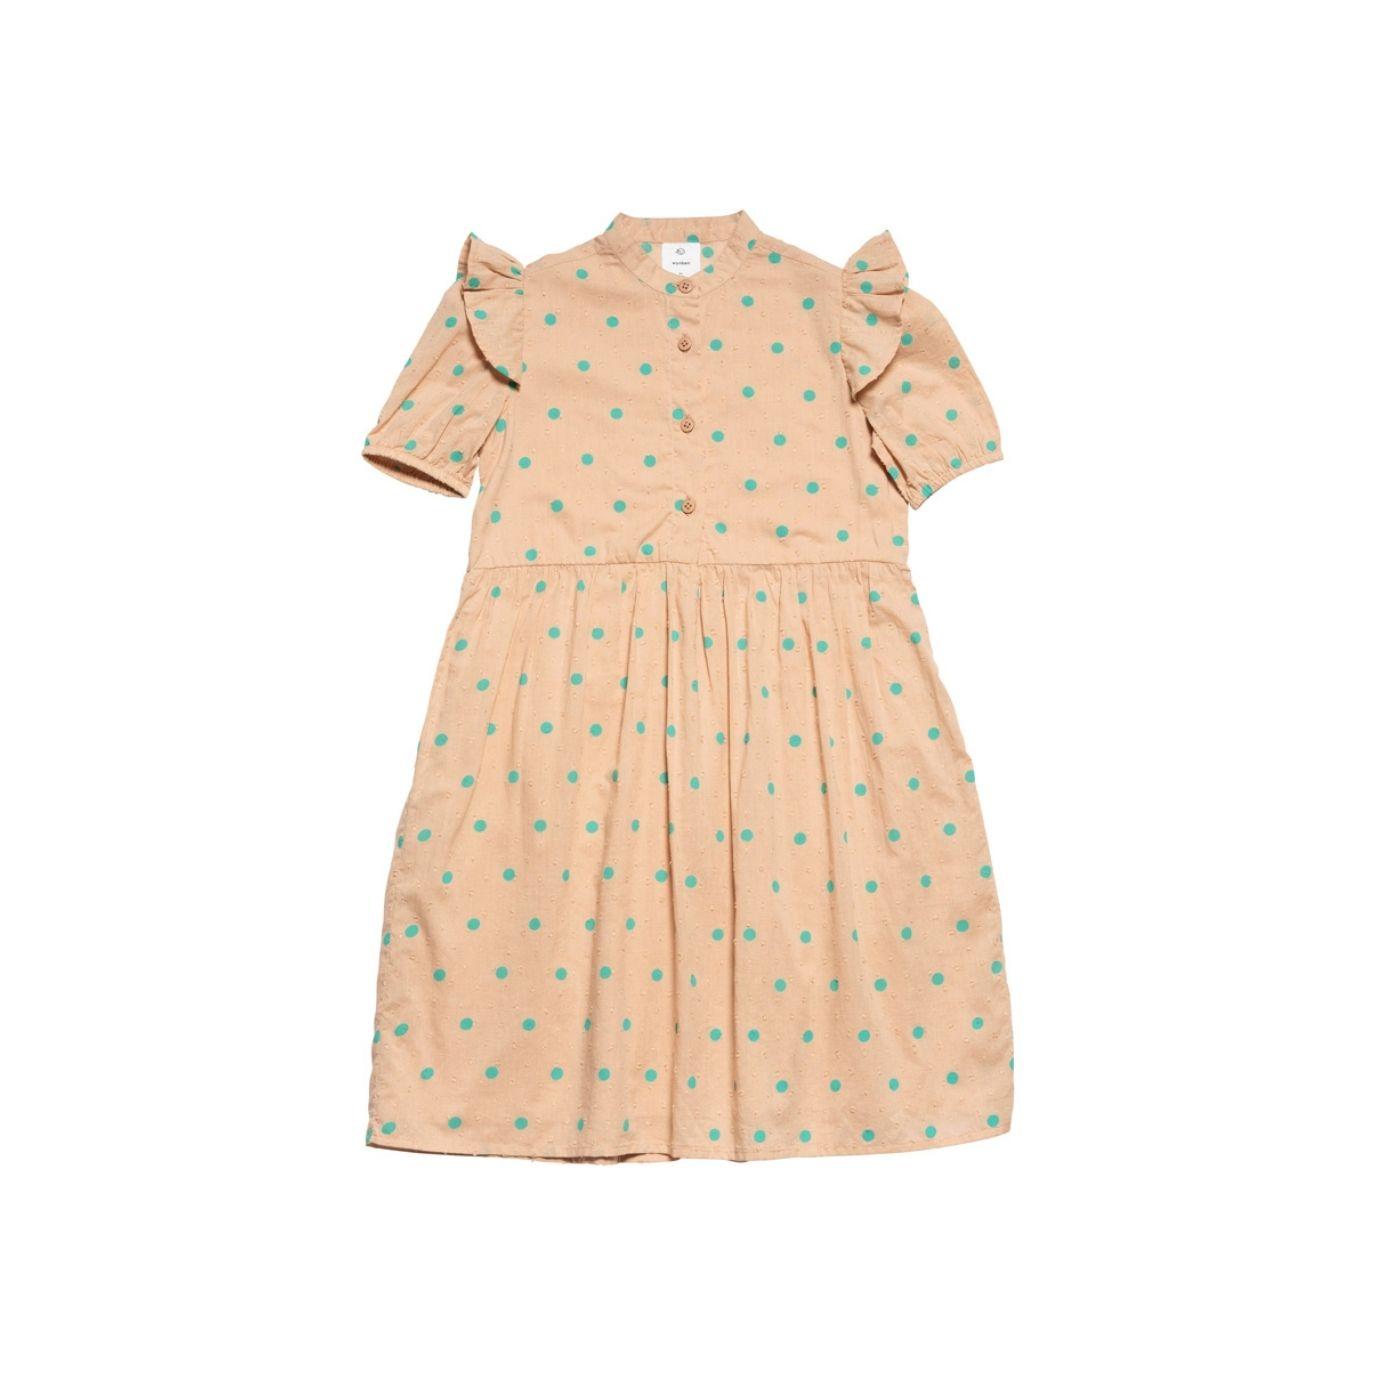 Wynken - Sukienka Puff Sleeve różowa - 1